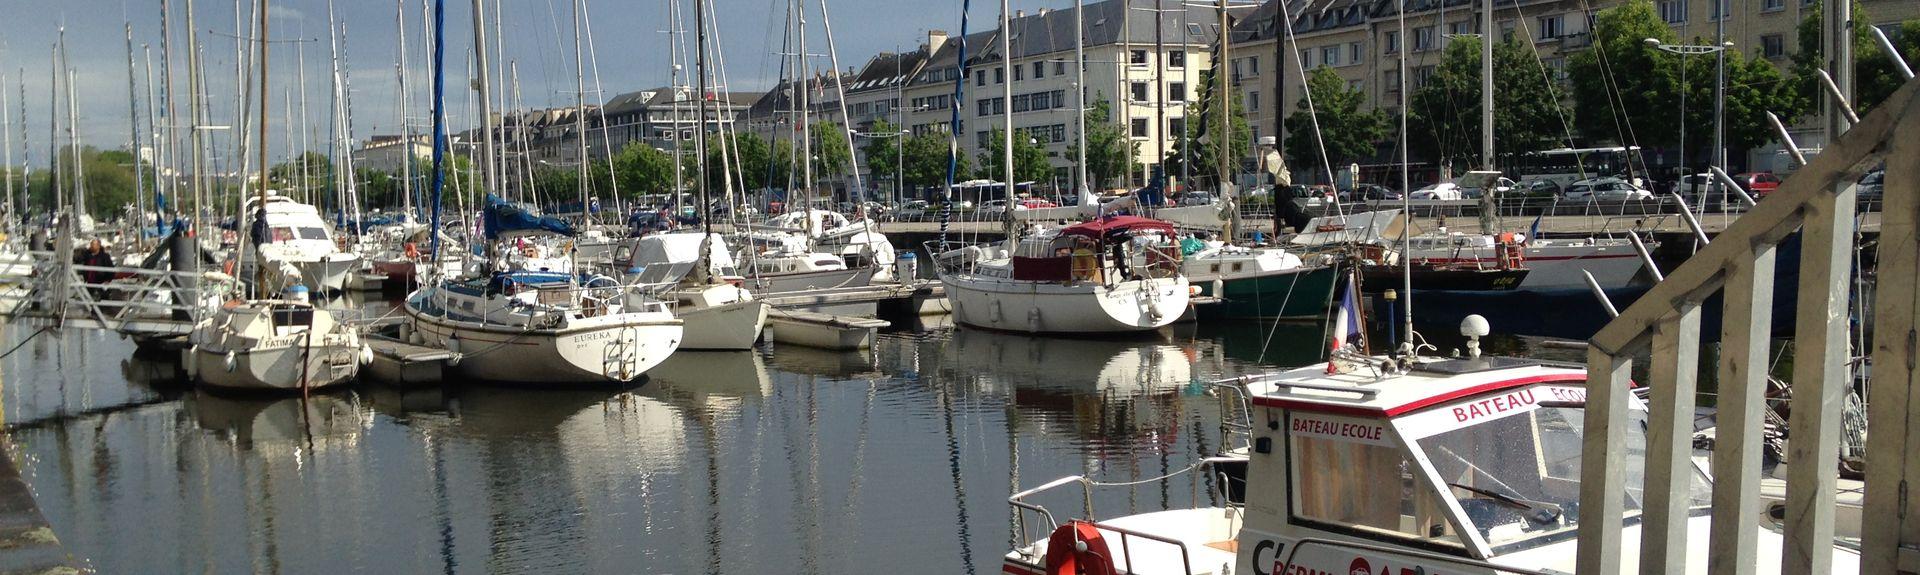 St-Pierre-du-Jonquet, France